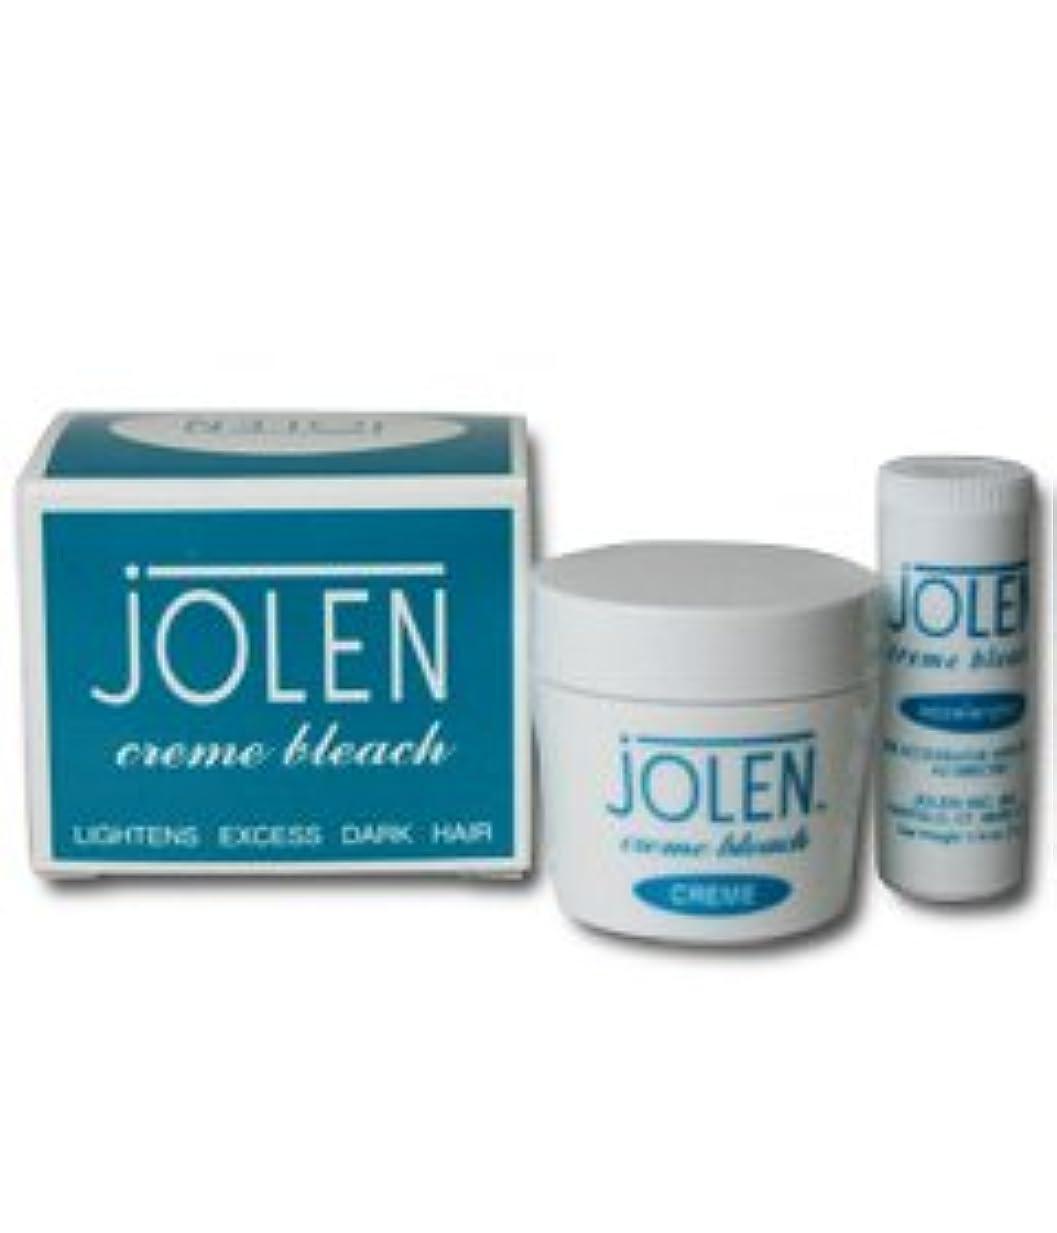 廃止するヨーロッパ適応JOLEN (ジョレン)  クリームブリーチ(海外発送商品)